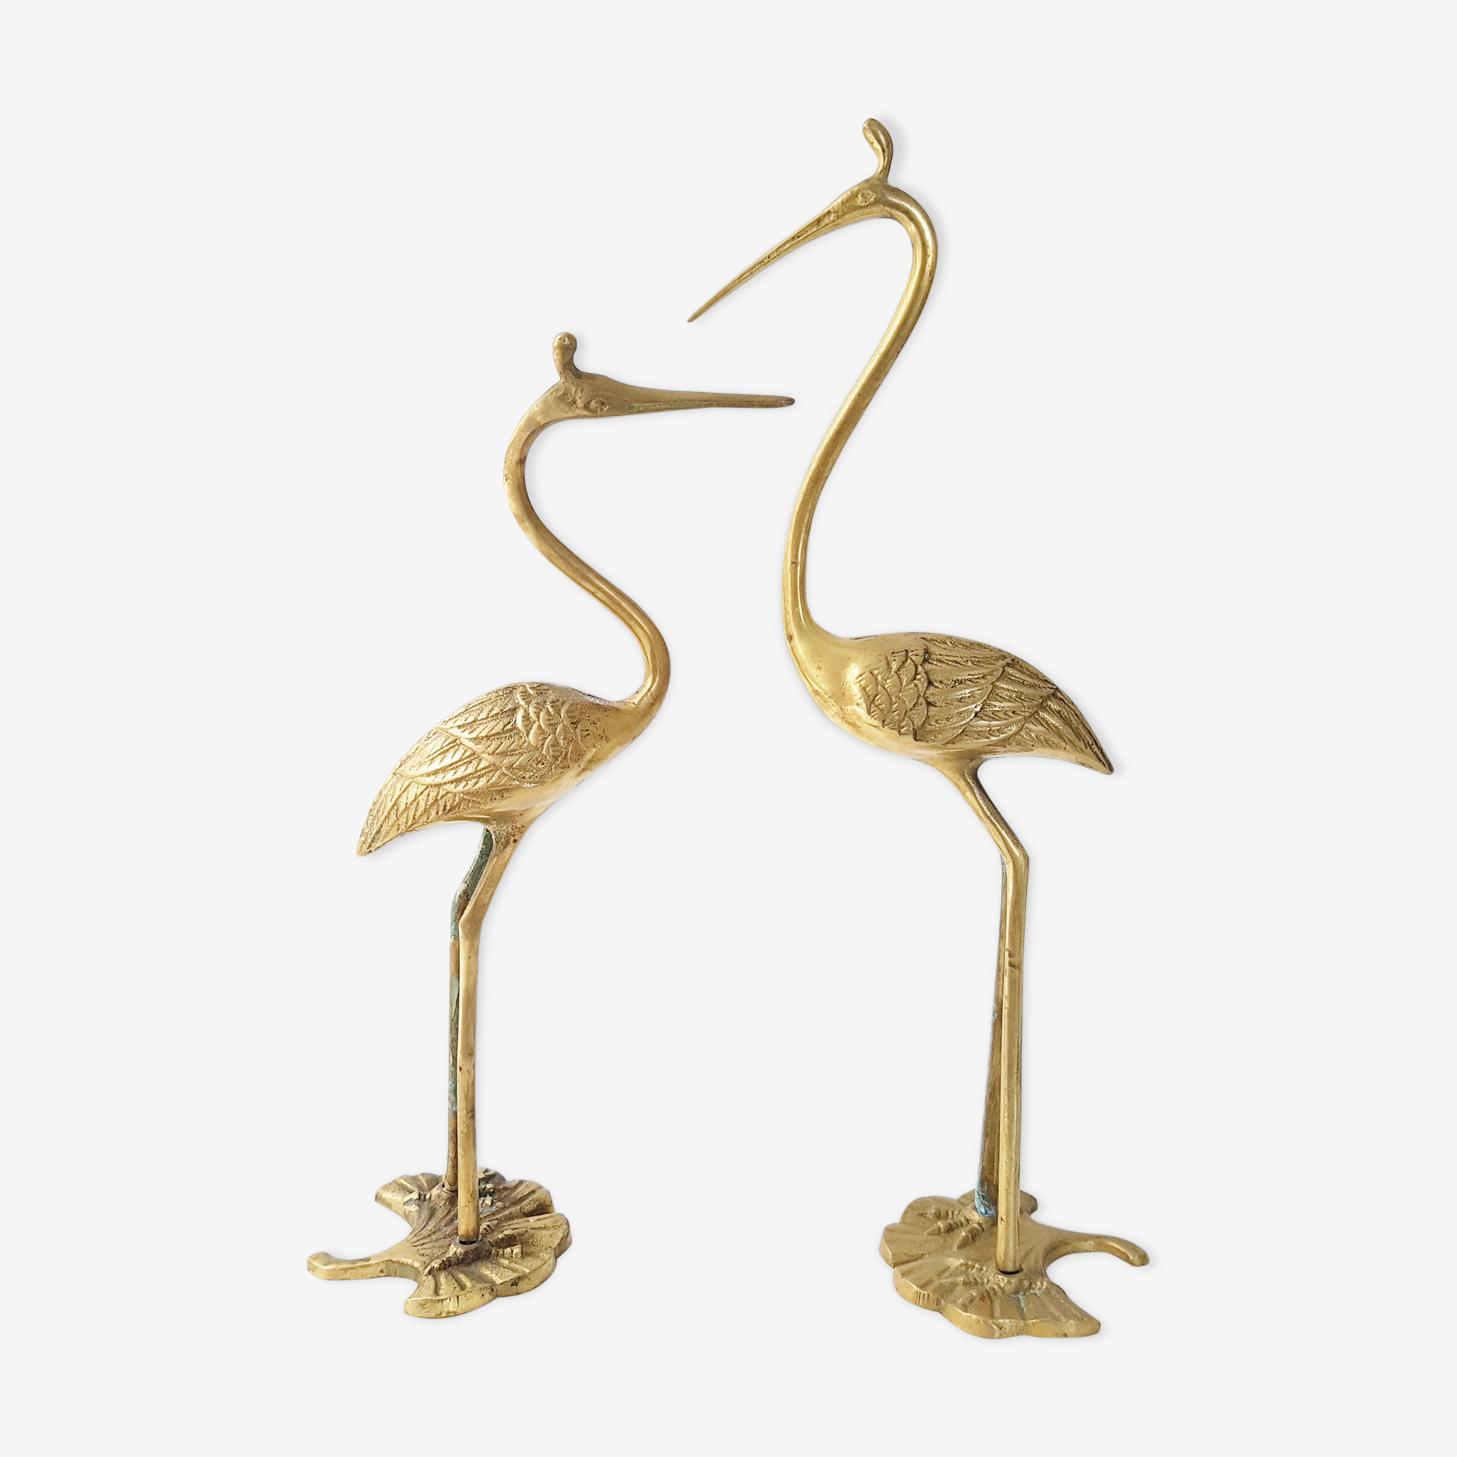 Paire de hérons en laiton doré  1970